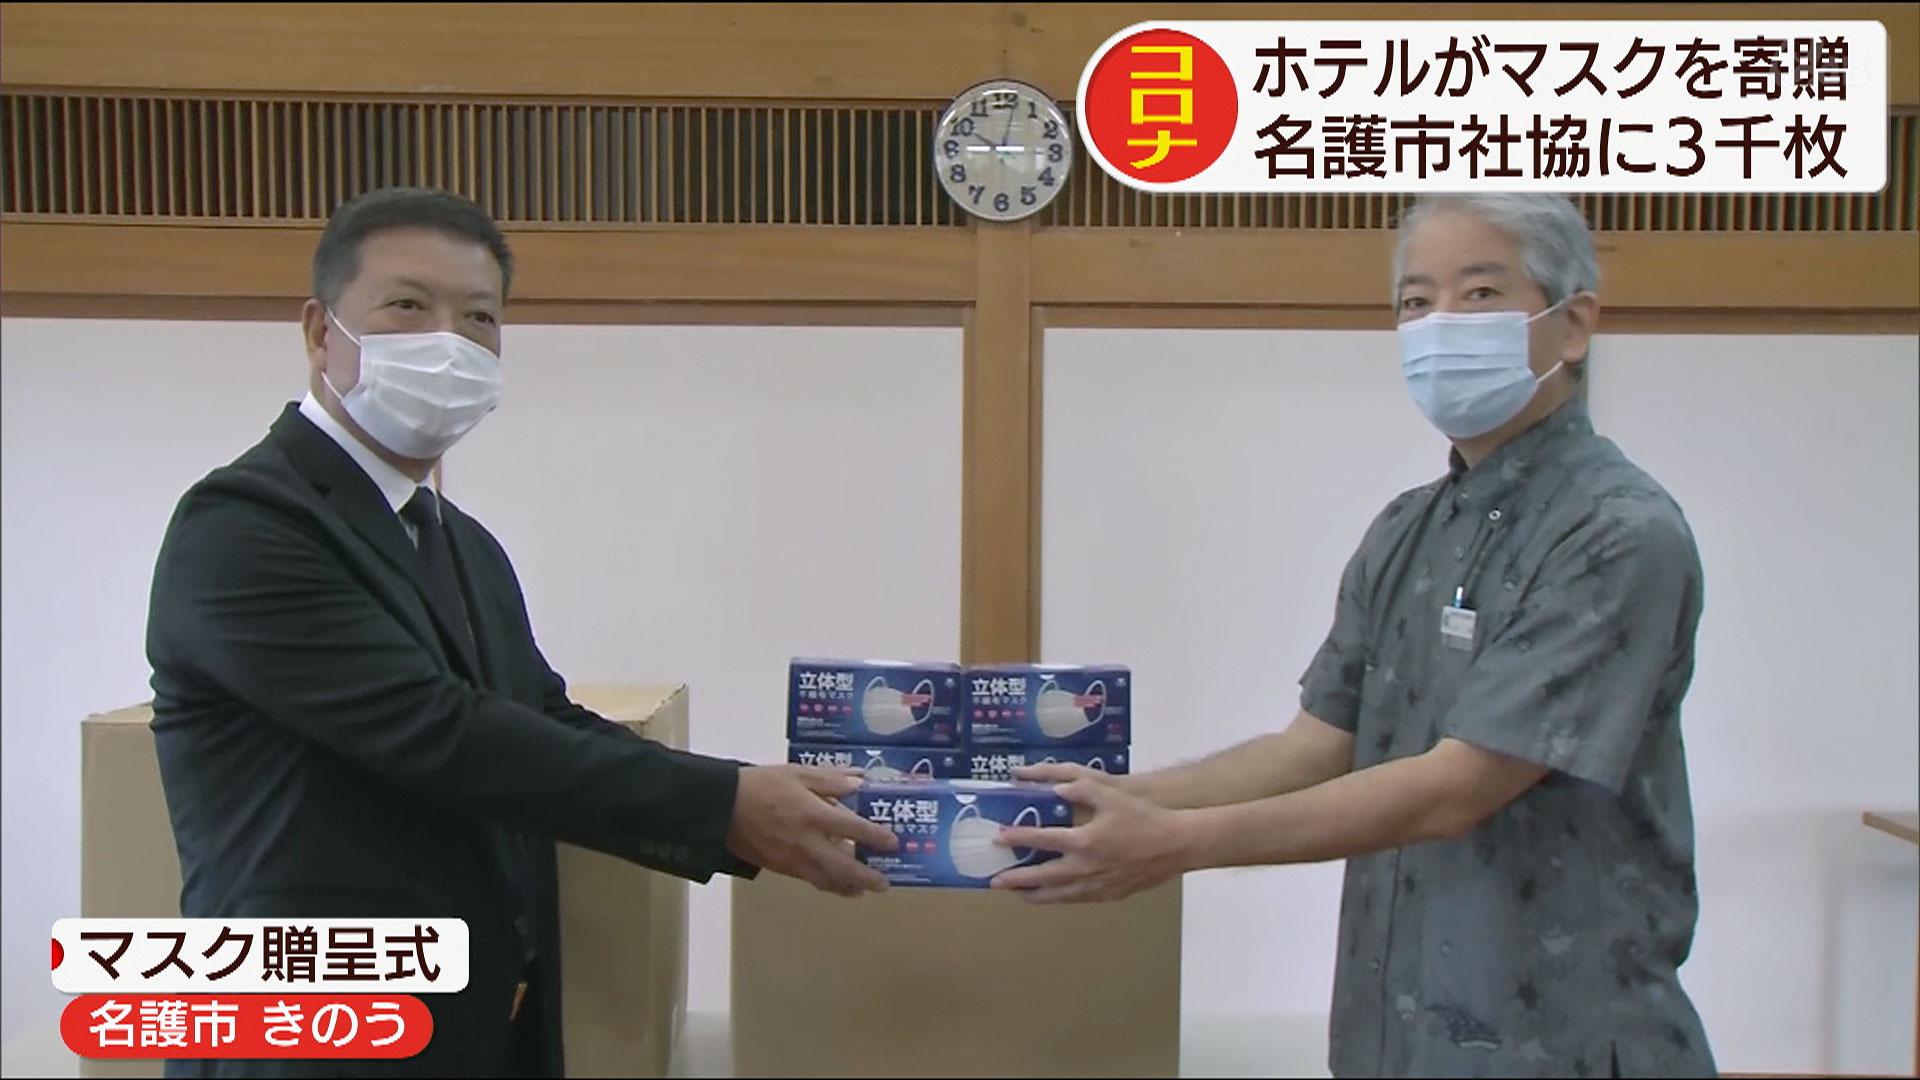 ホテルがマスク3000枚を贈呈